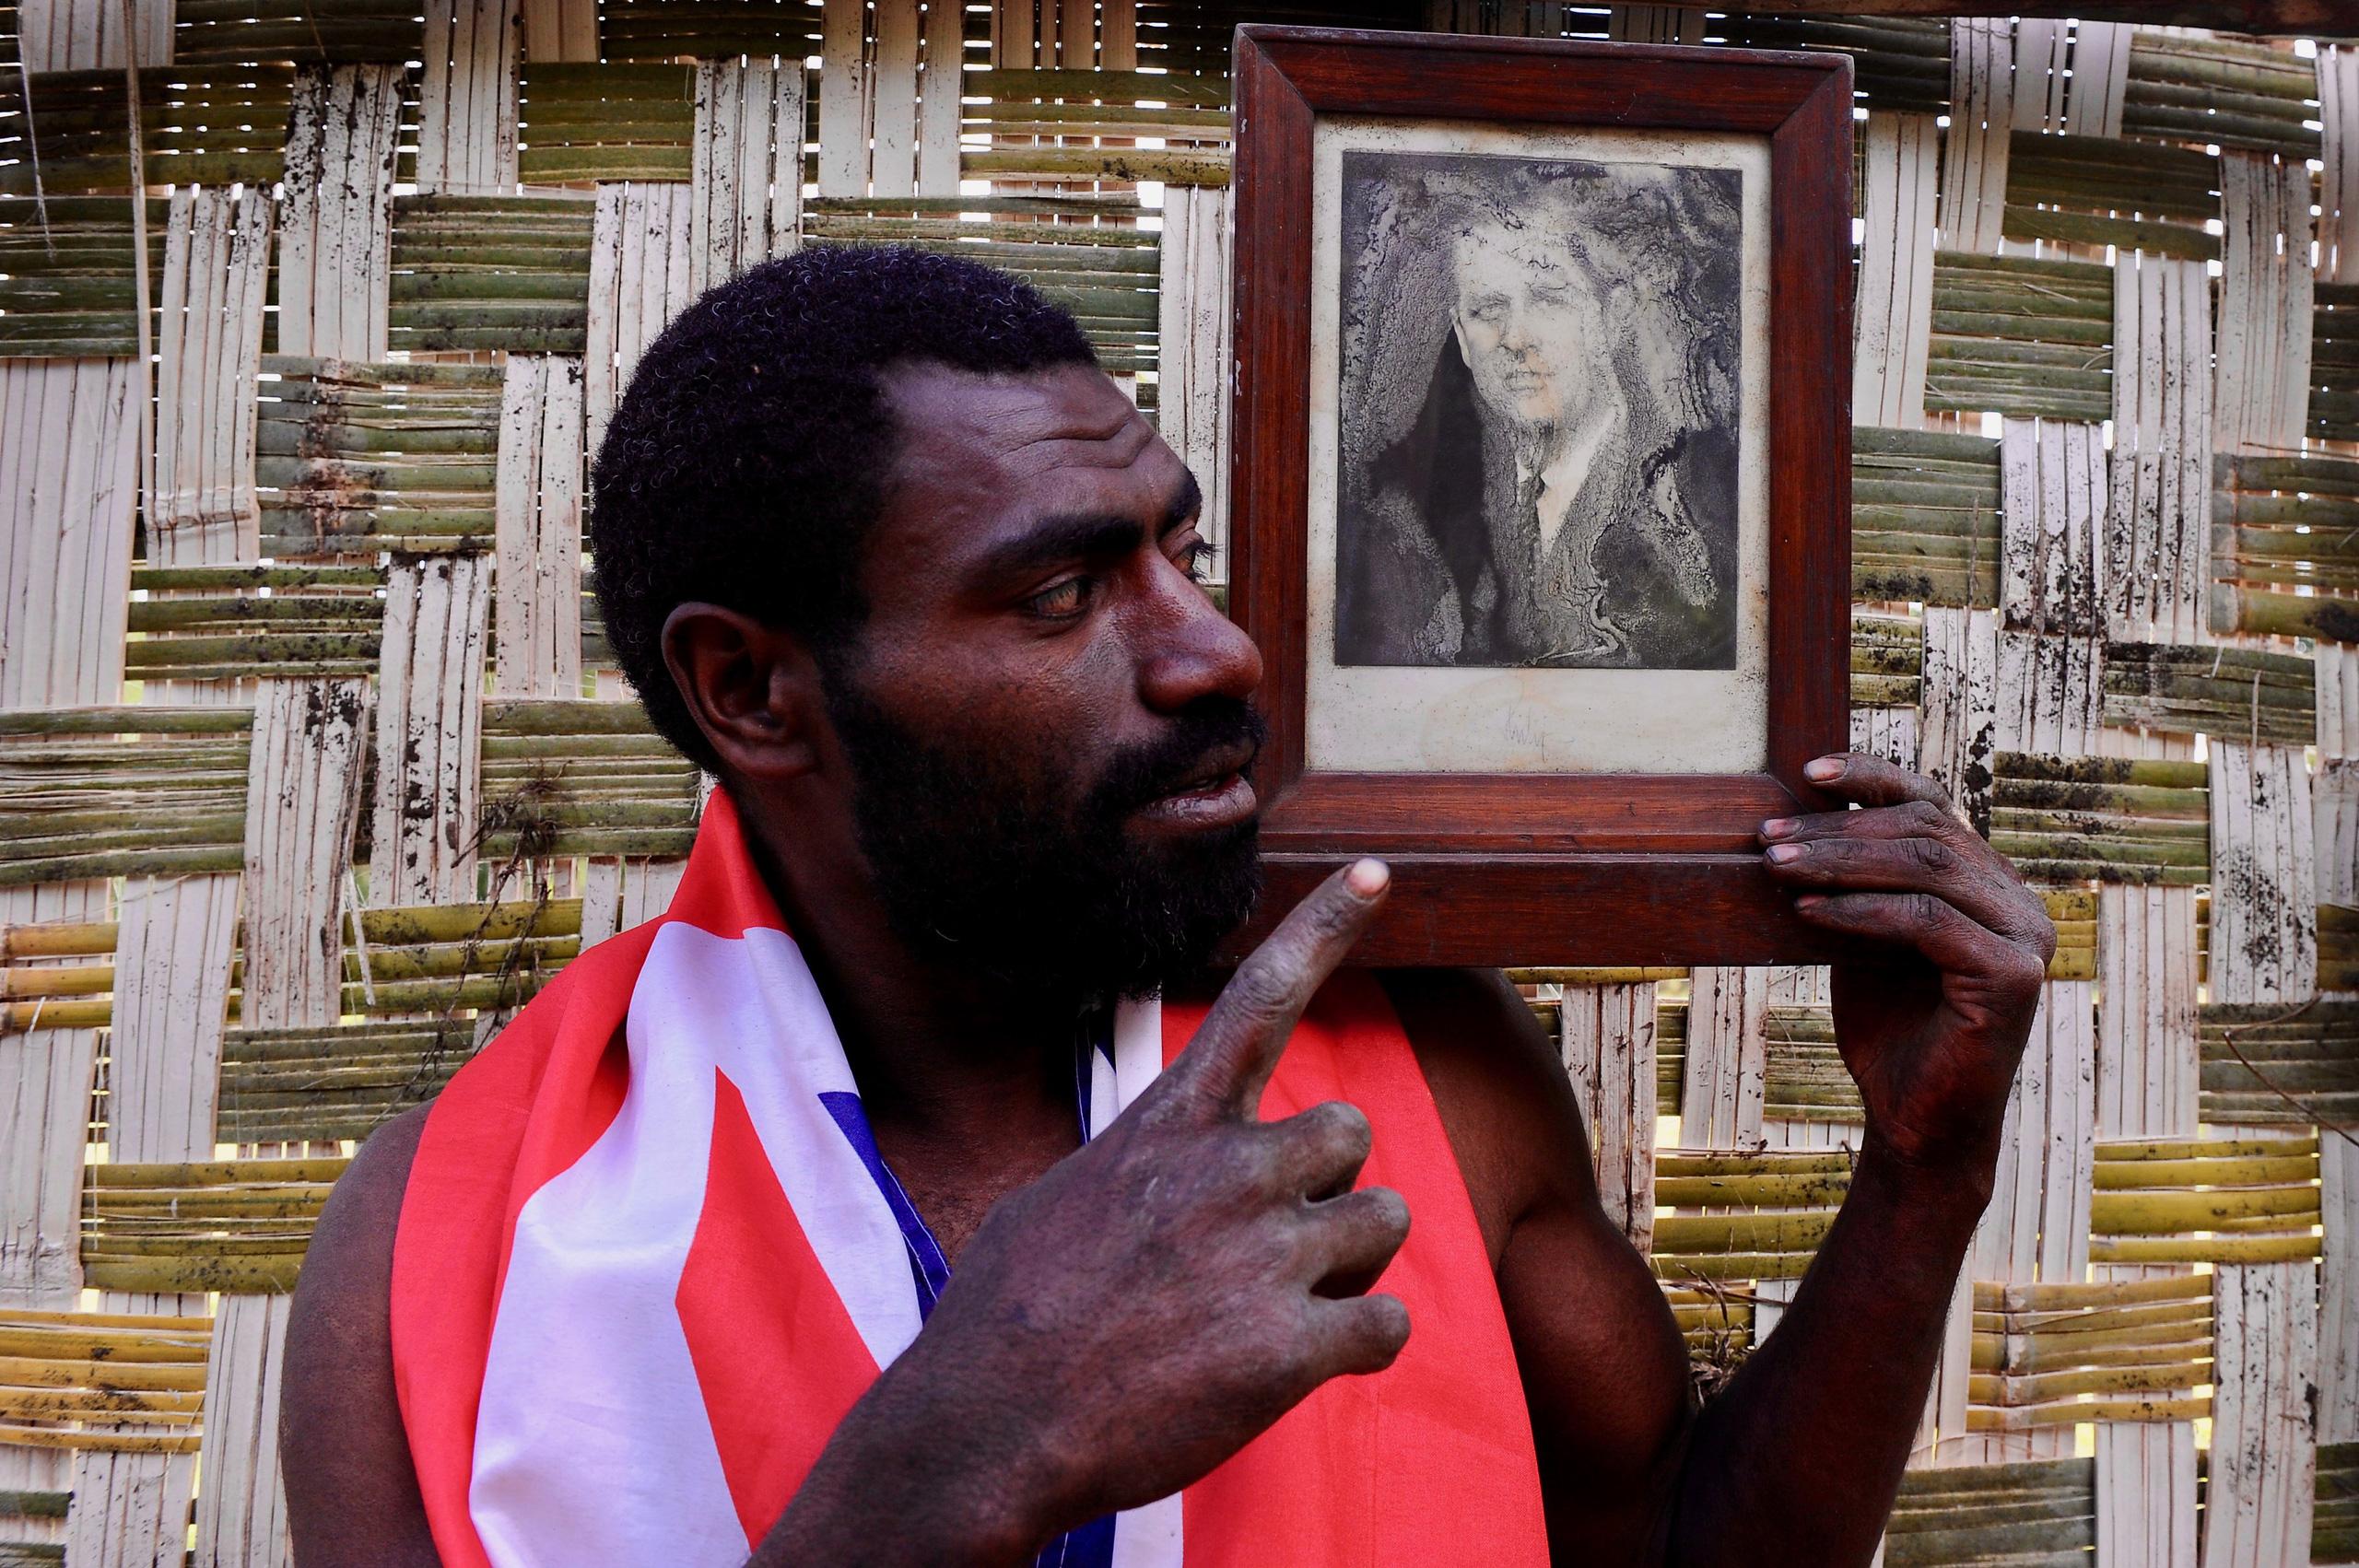 Kỳ lạ bộ lạc sống trên đảo xa tôn thờ cố Hoàng thân Philip, quyết định để tang khi hay tin ông qua đời - Ảnh 5.